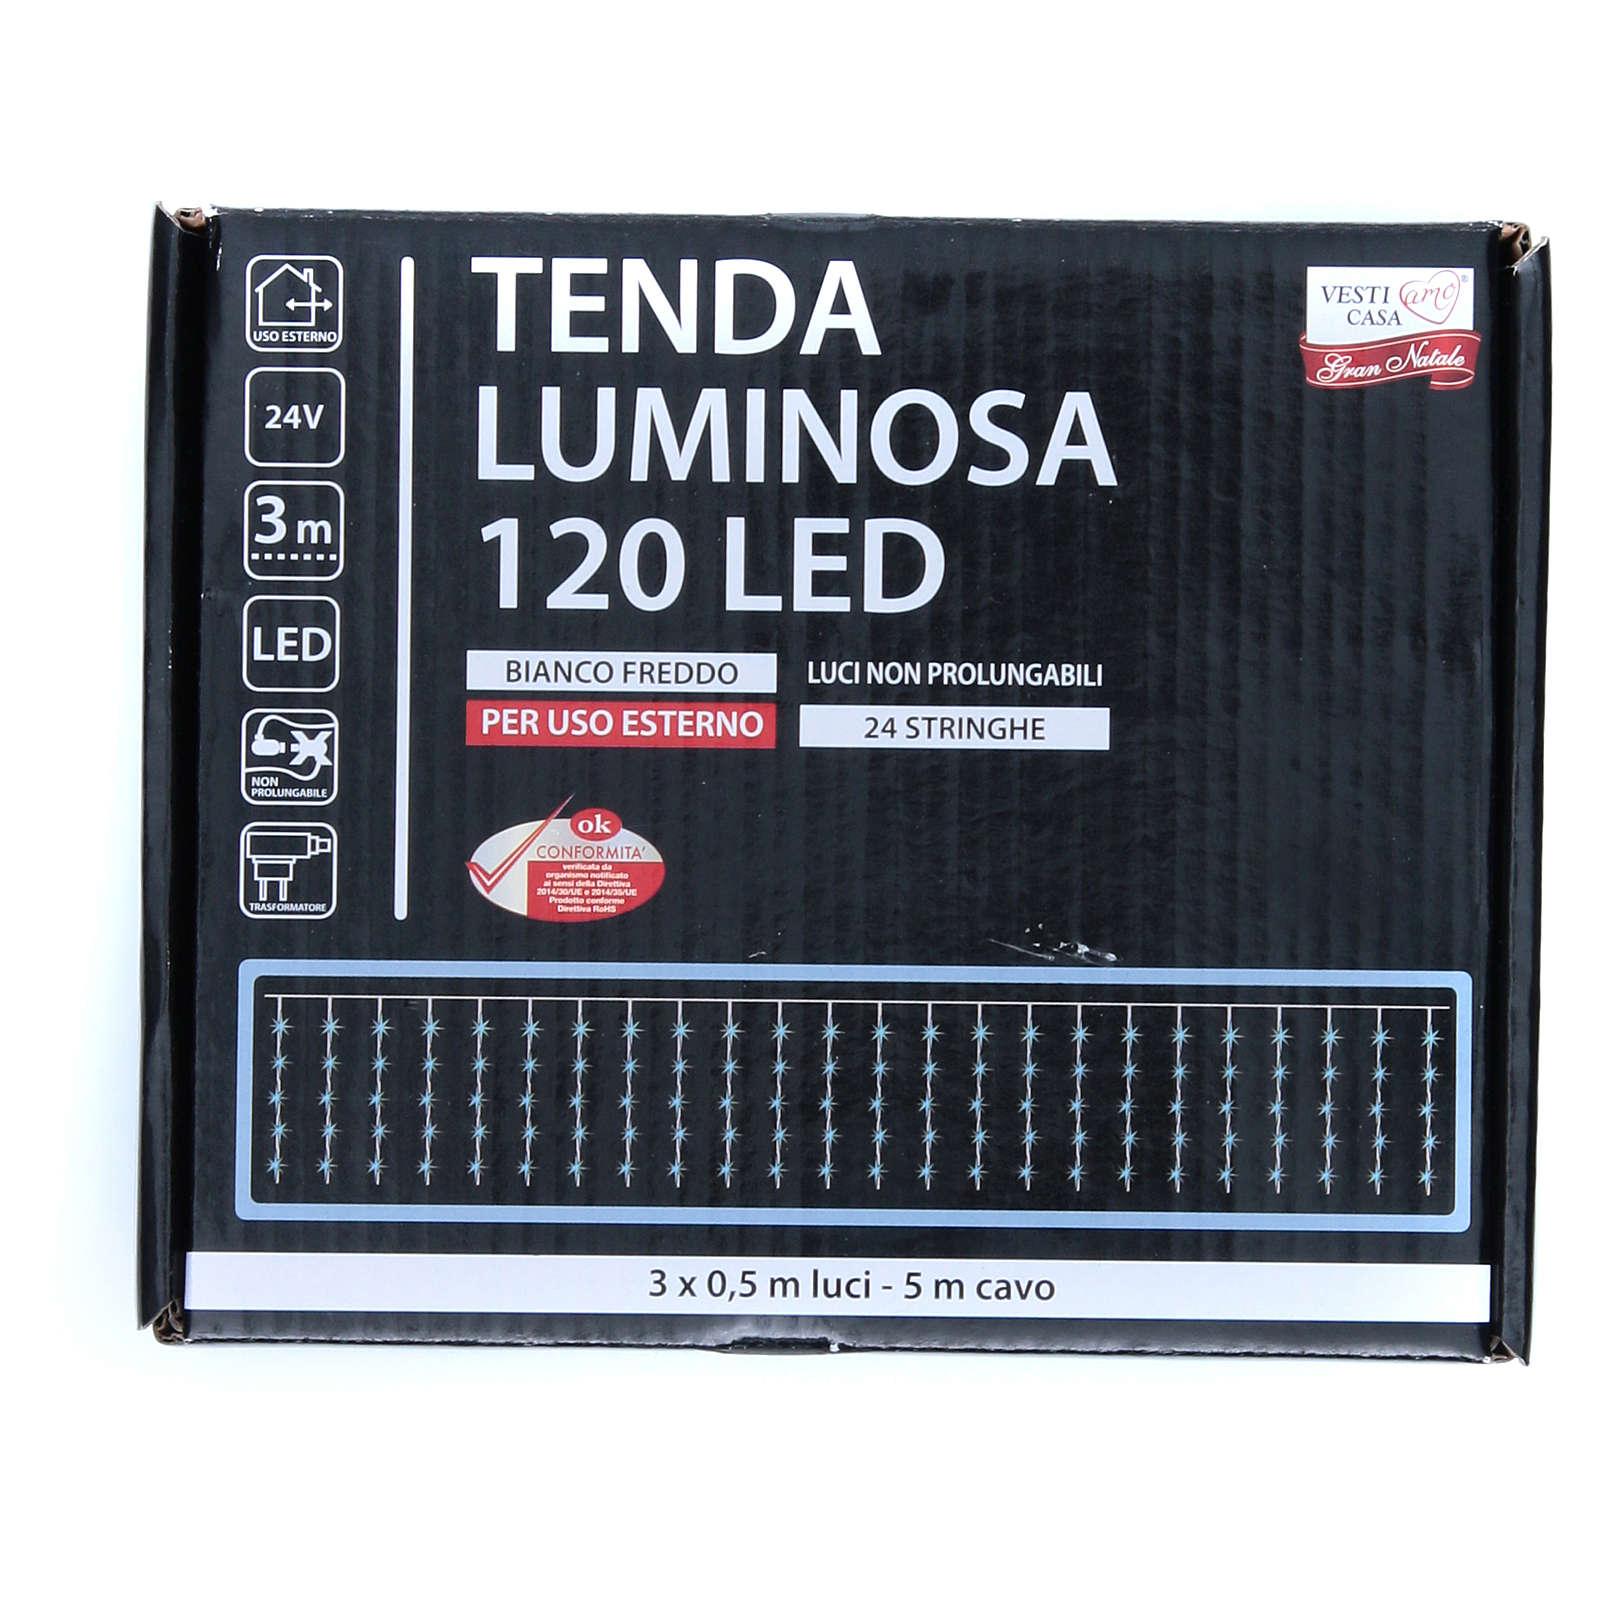 Cortina luminosa 120 LED blanco frío para exterior, funcionamiento con corriente 3